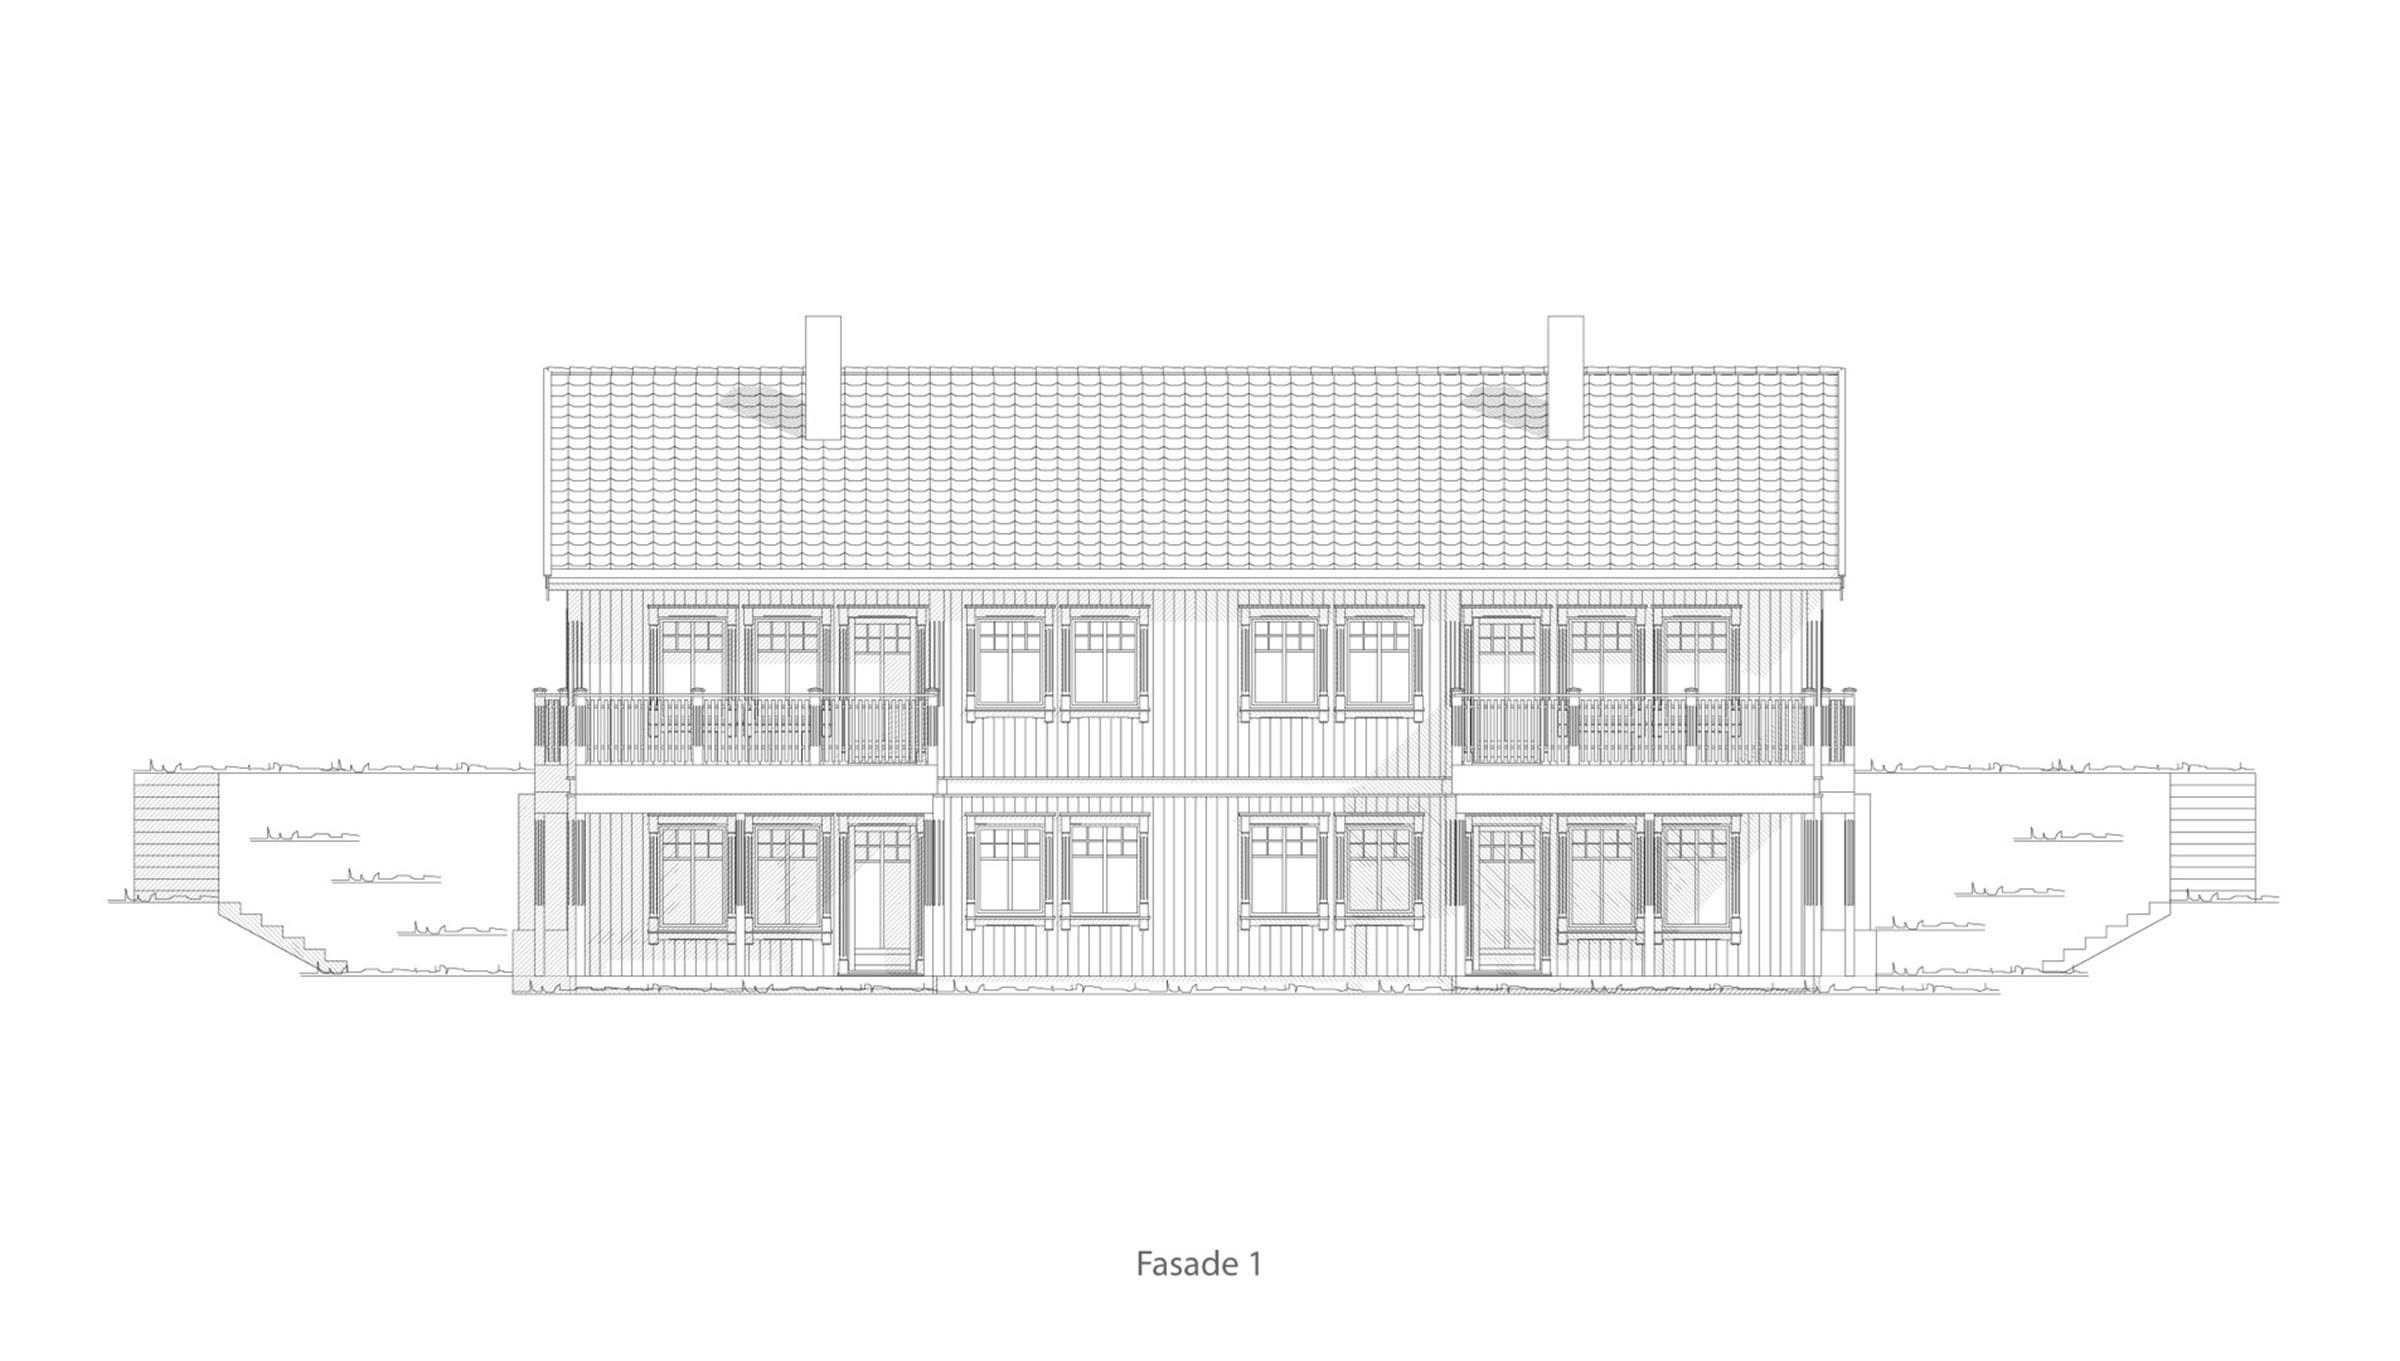 Leknes fasade 1